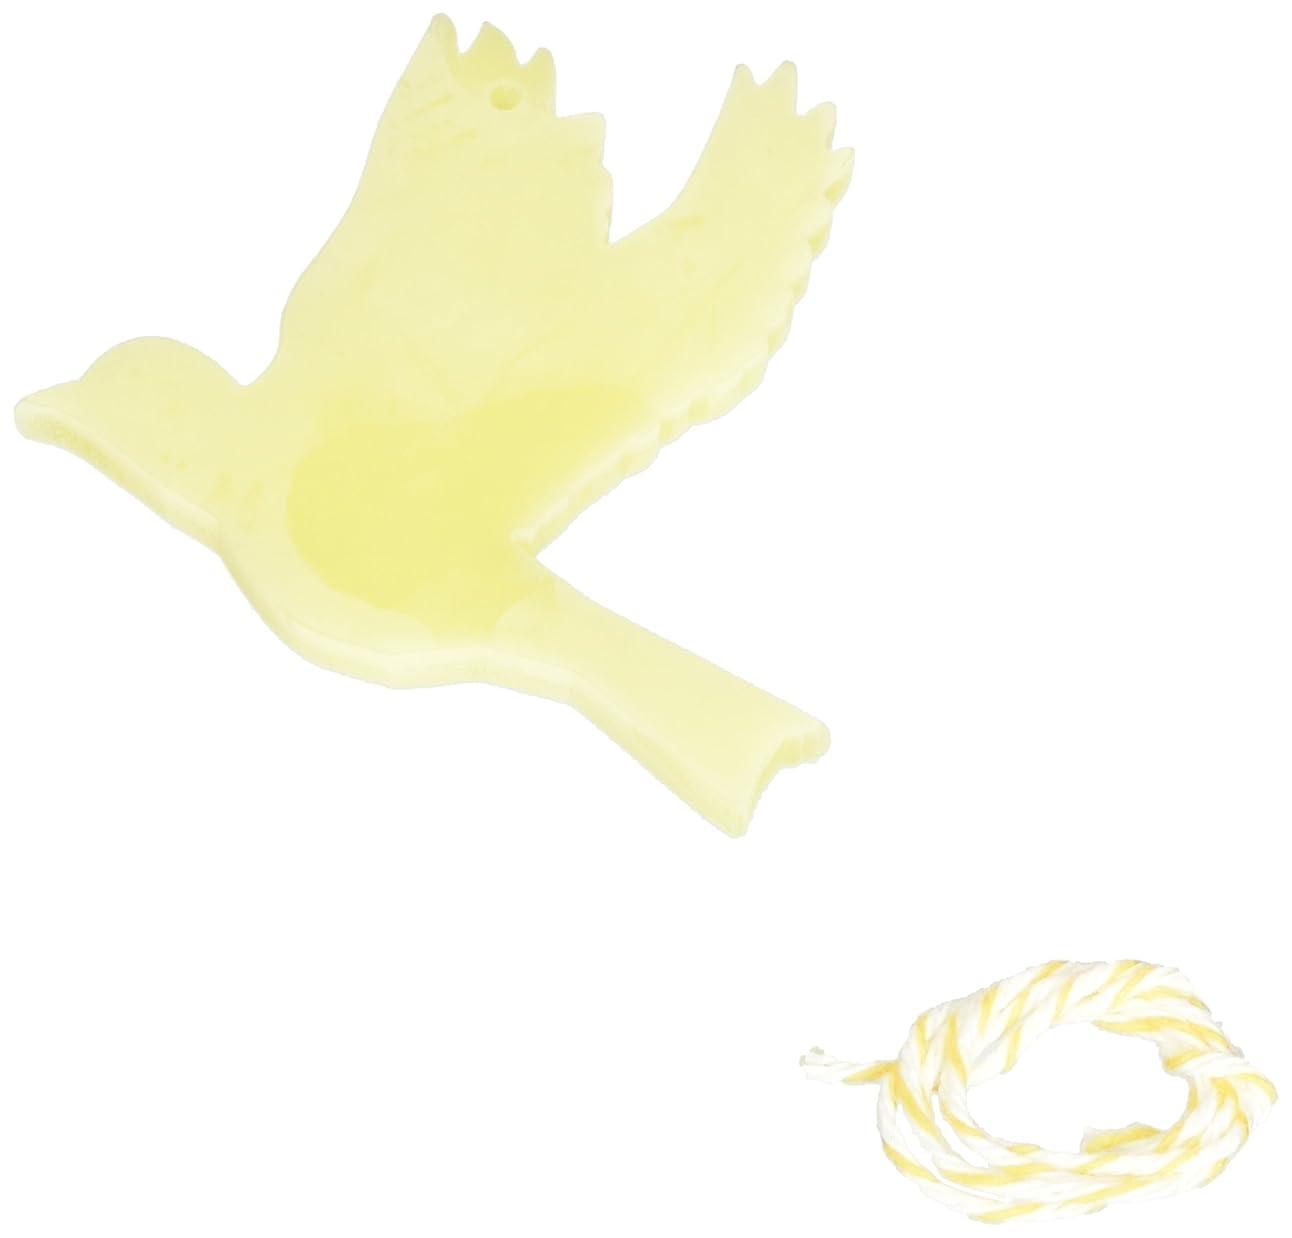 画面ニックネームアラバマGRASSE TOKYO AROMATICWAXチャーム「ハト」(YE) ベルガモット アロマティックワックス グラーストウキョウ